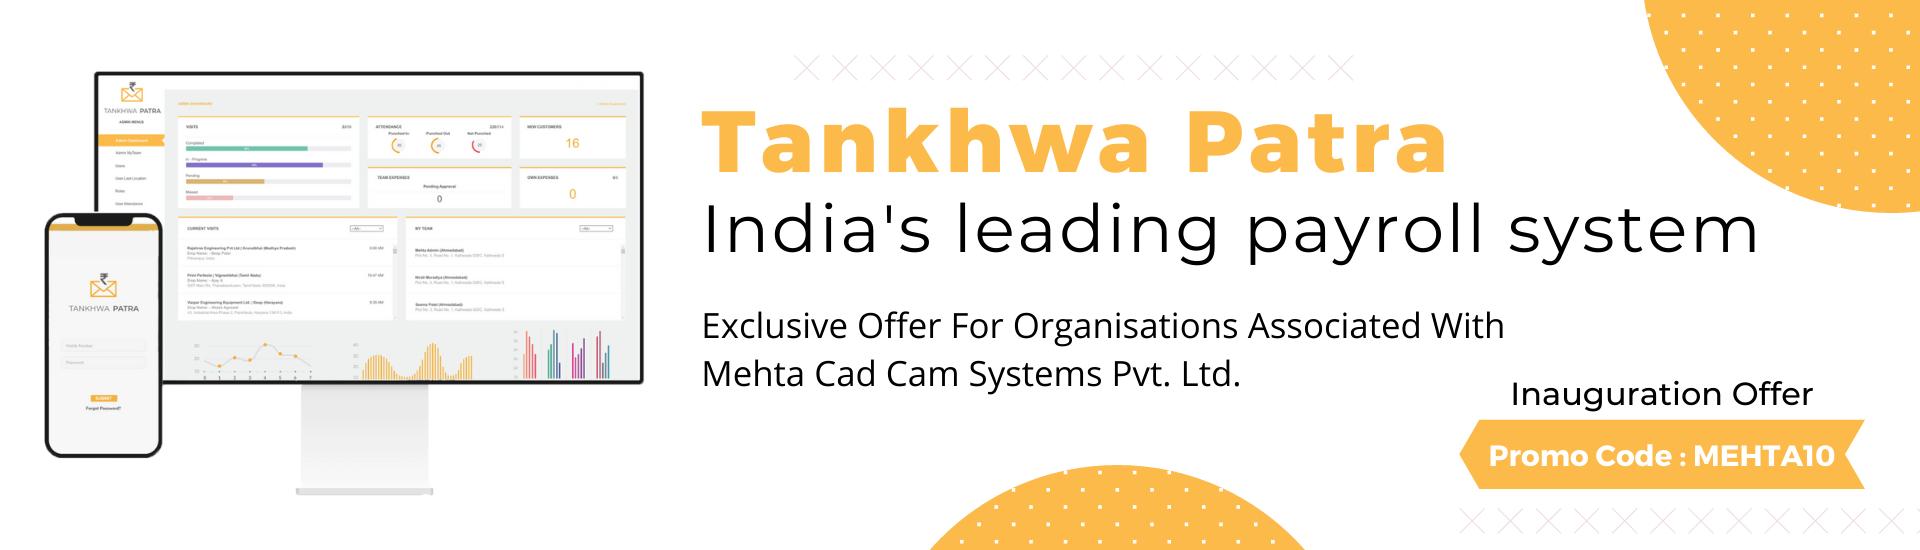 Tankhwa Patra - Automated Payroll Module